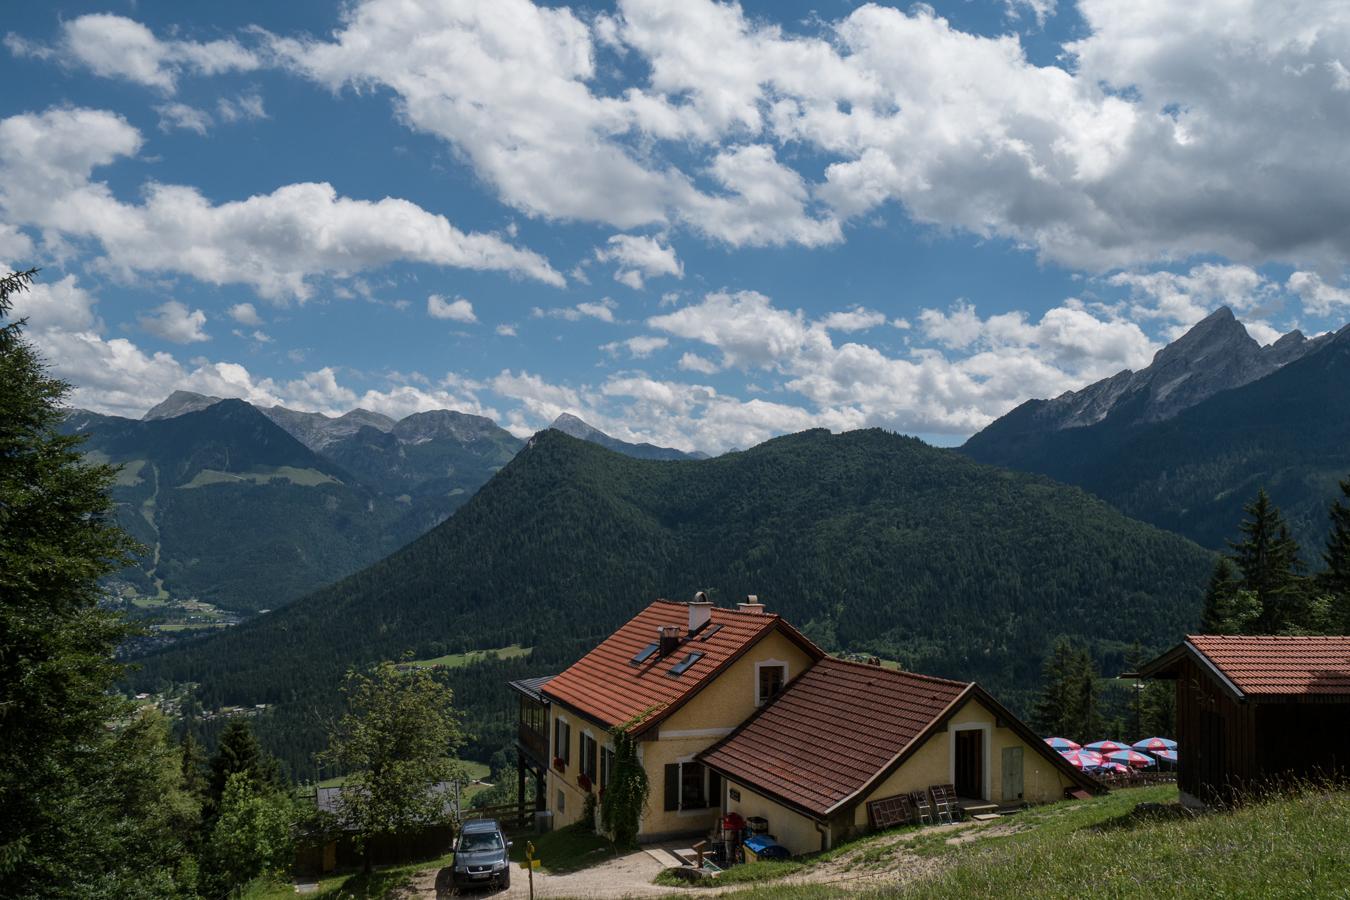 Blick über die Berggaststätte Söldenköpfl zum Grünstein